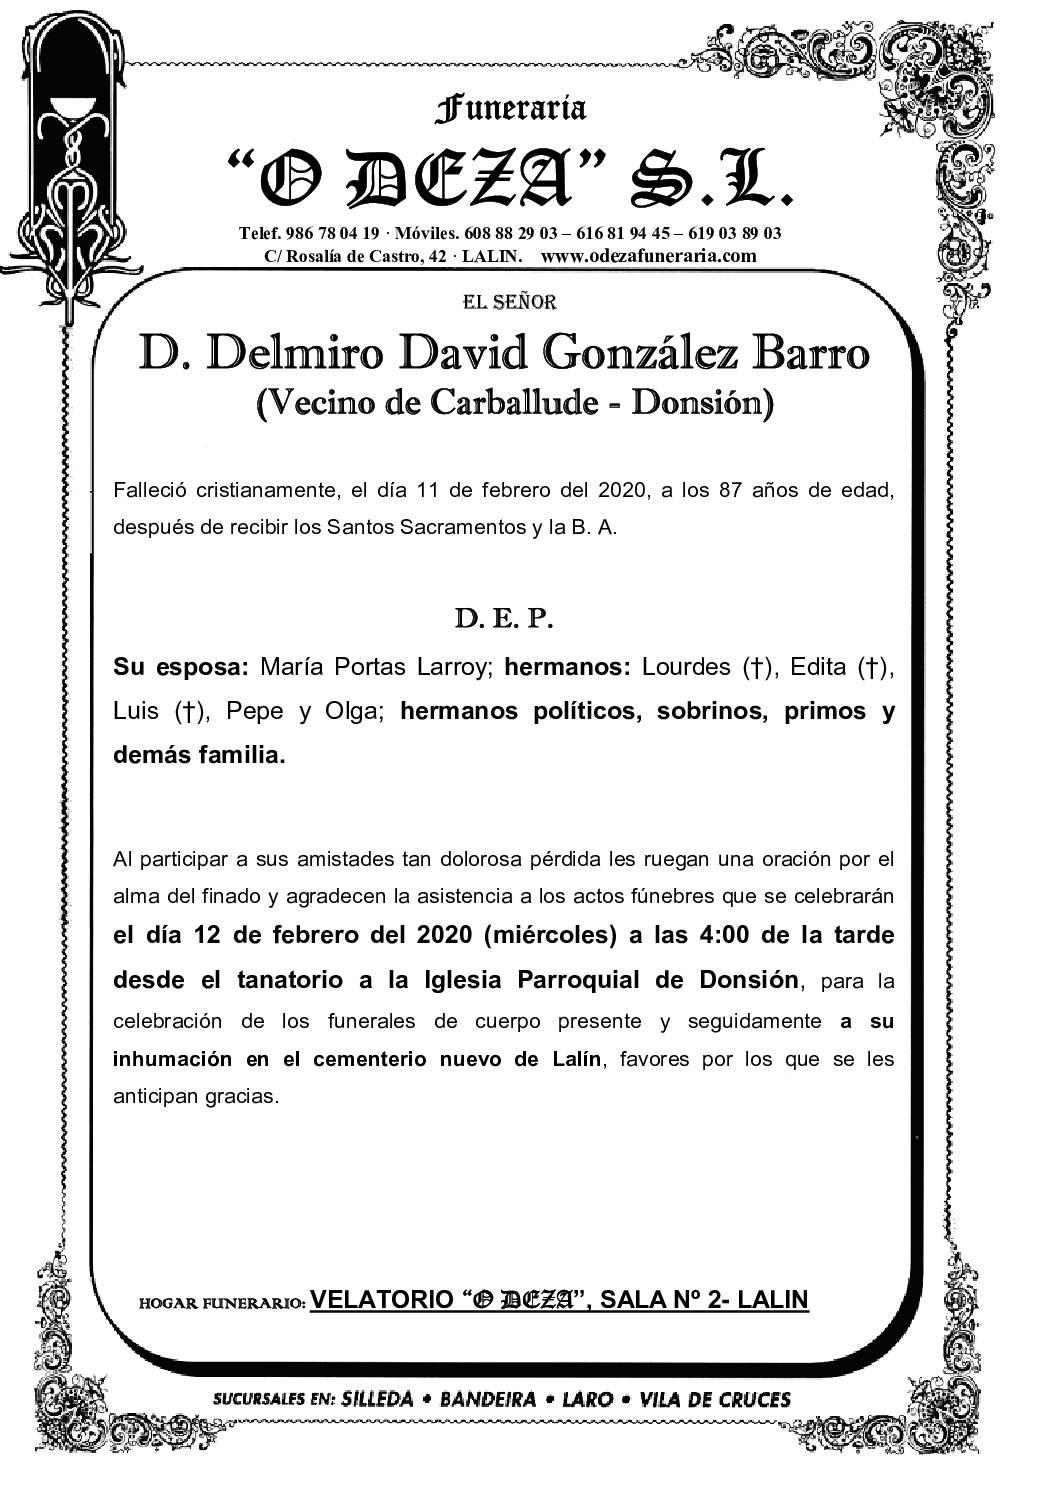 D. DELMIRO DAVID GONZÁLEZ BARRO